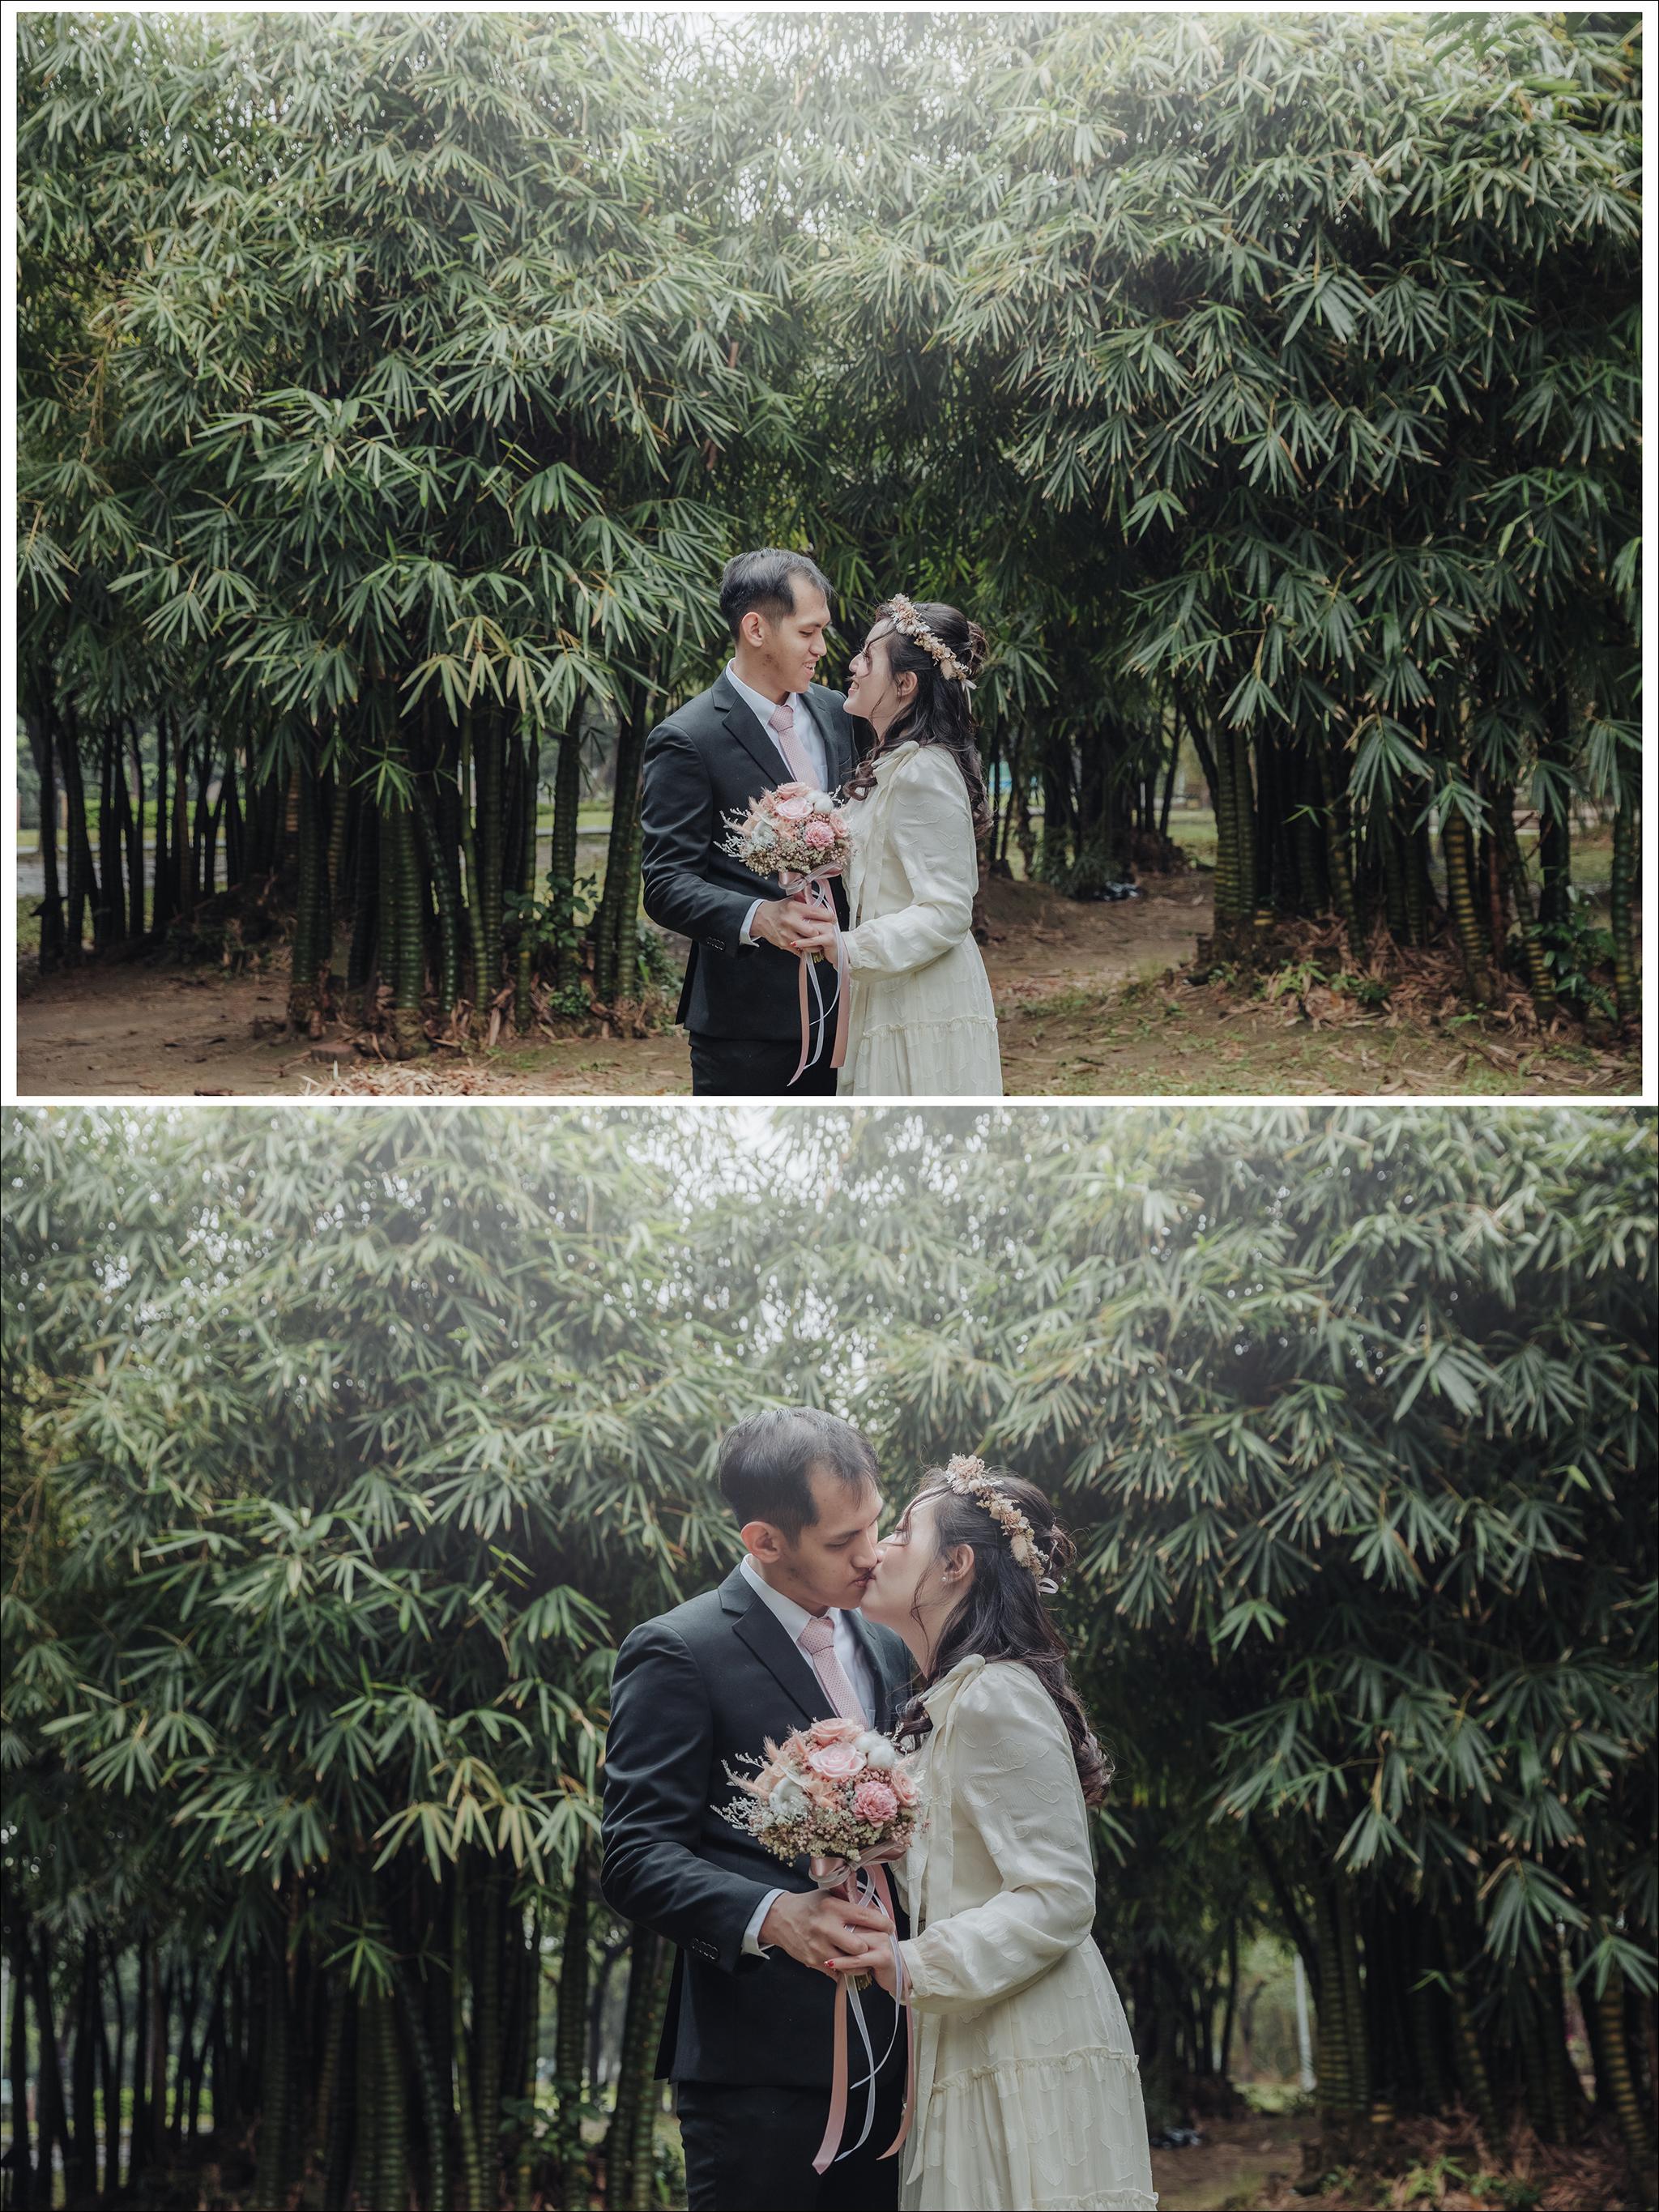 51499216323 70925b1fa0 o - 【證婚寫真】+馥瑤&威宇+